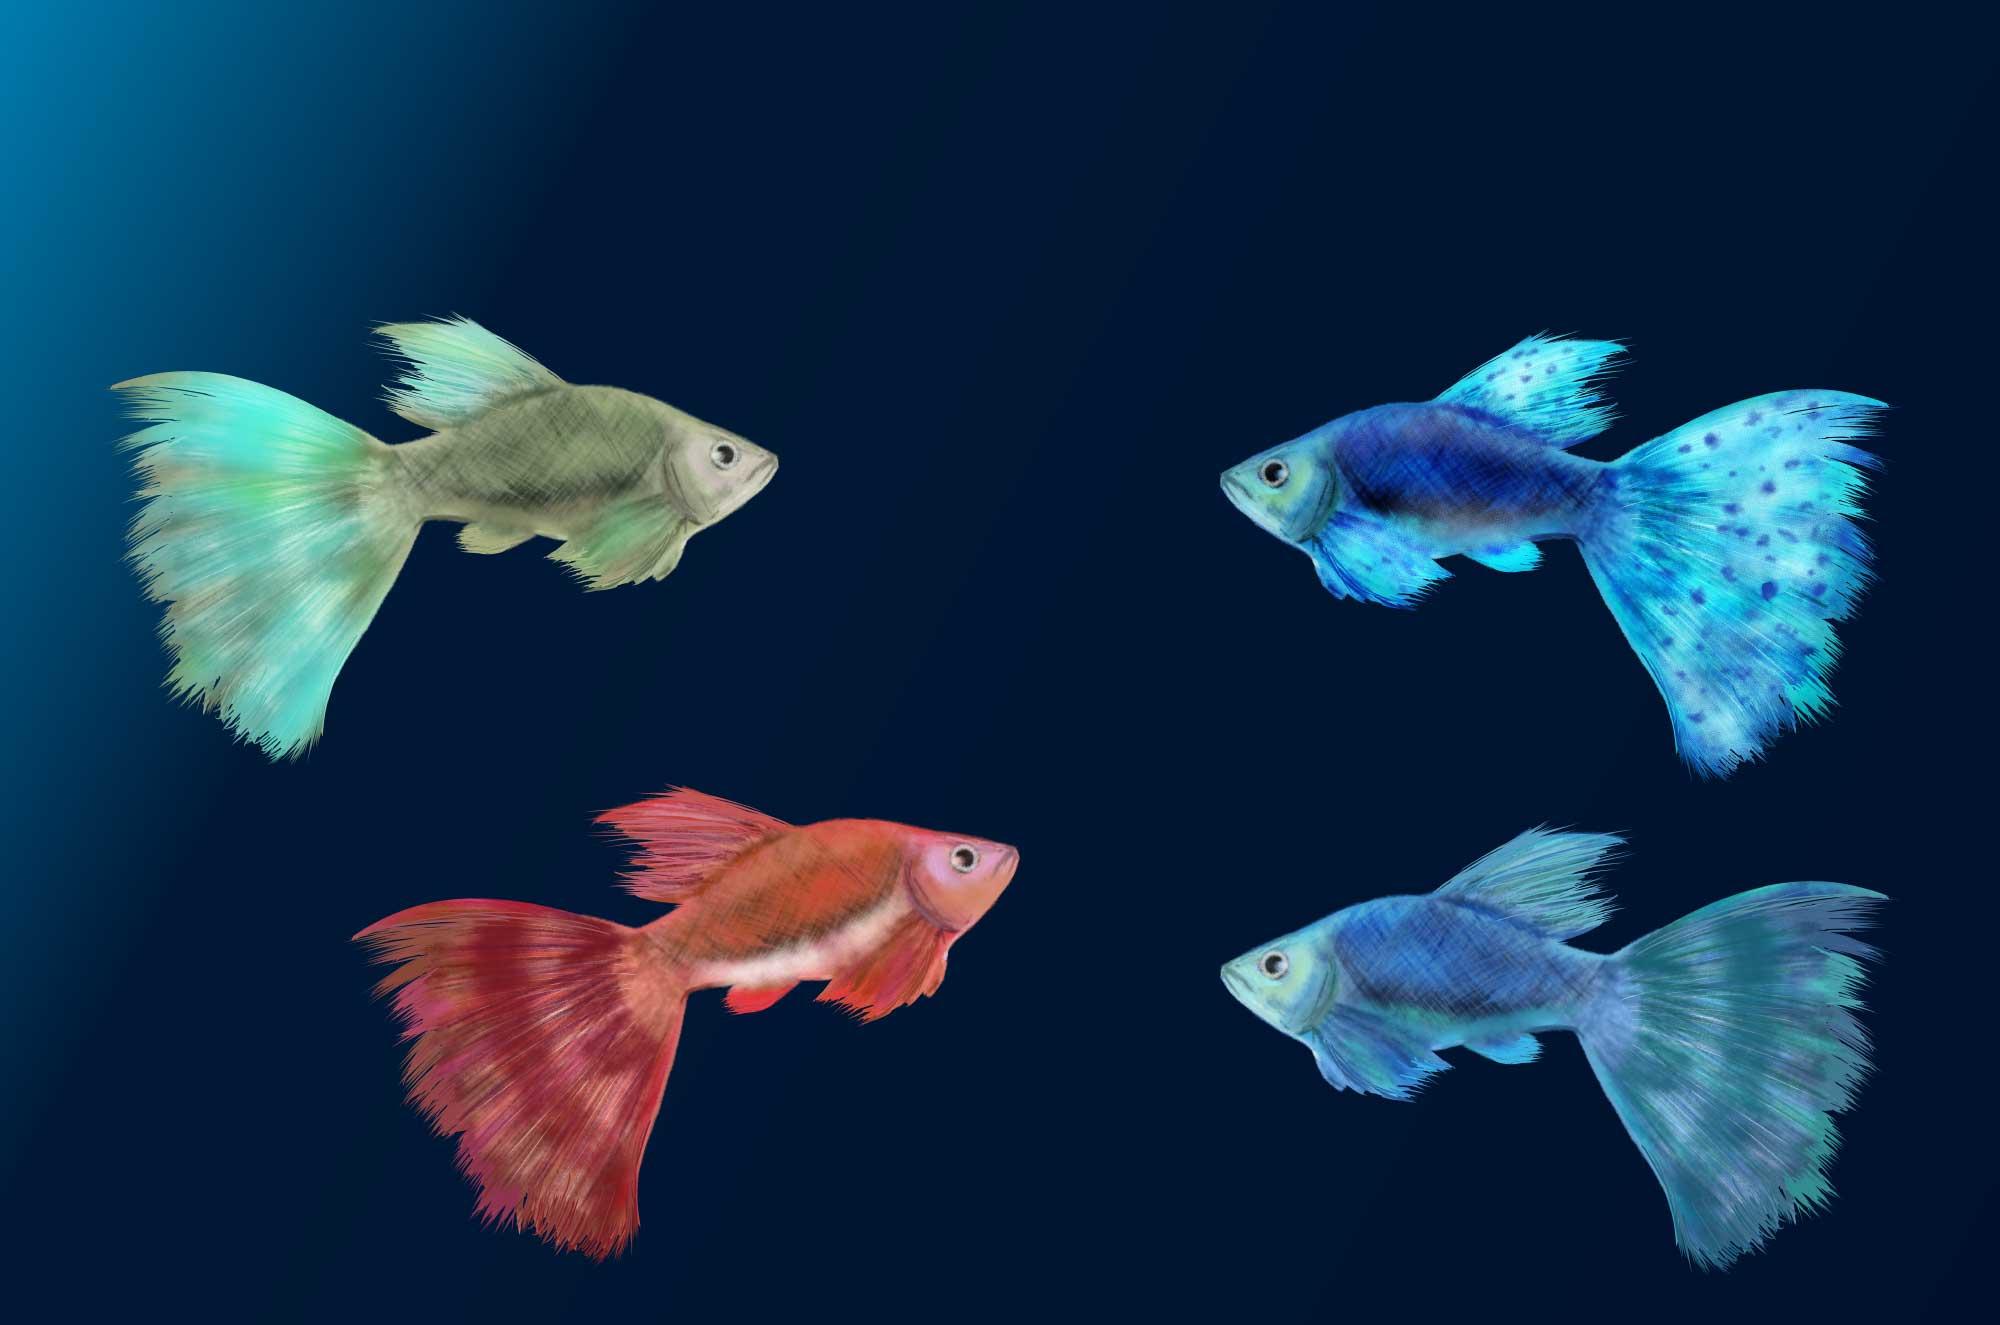 グッピーのイラスト - 綺麗な観賞魚の無料素材